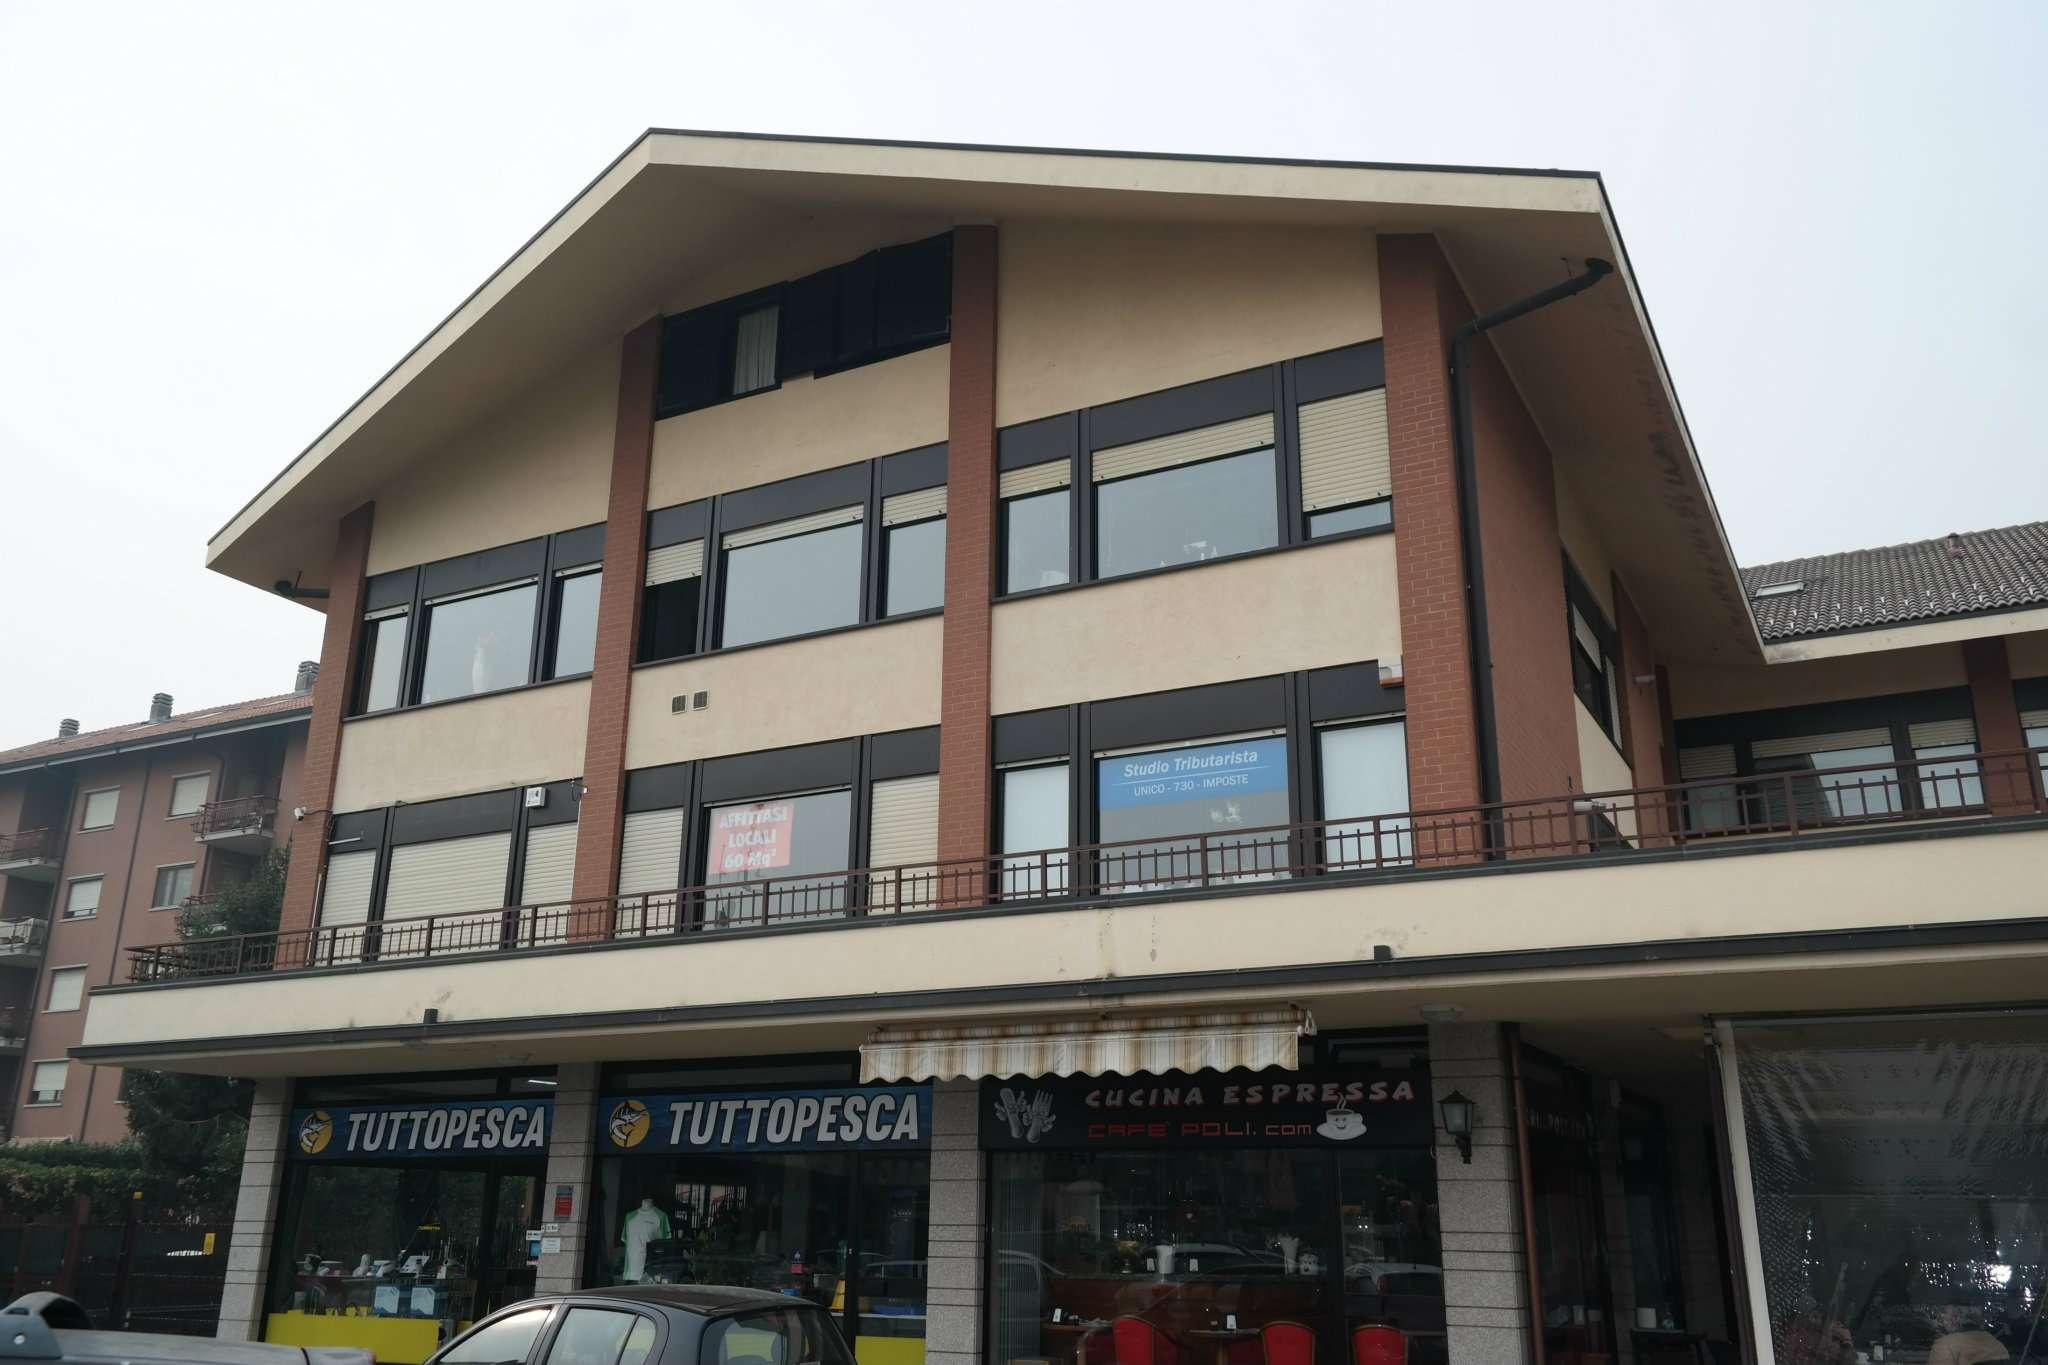 Ufficio / Studio in vendita a Alpignano, 2 locali, prezzo € 120.000 | CambioCasa.it